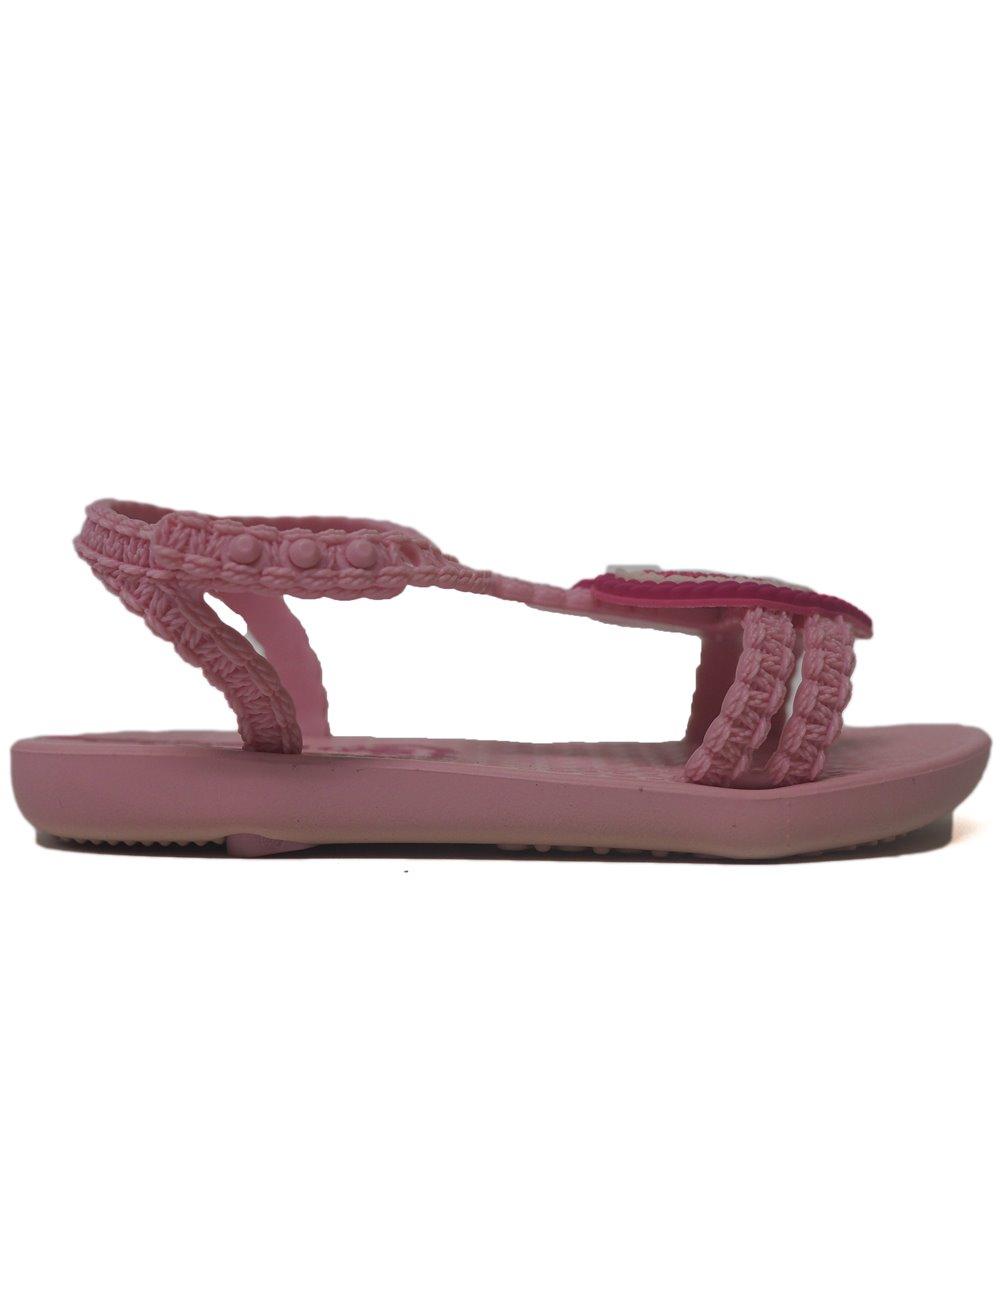 Zapatillas Adidas Altarun CG6818